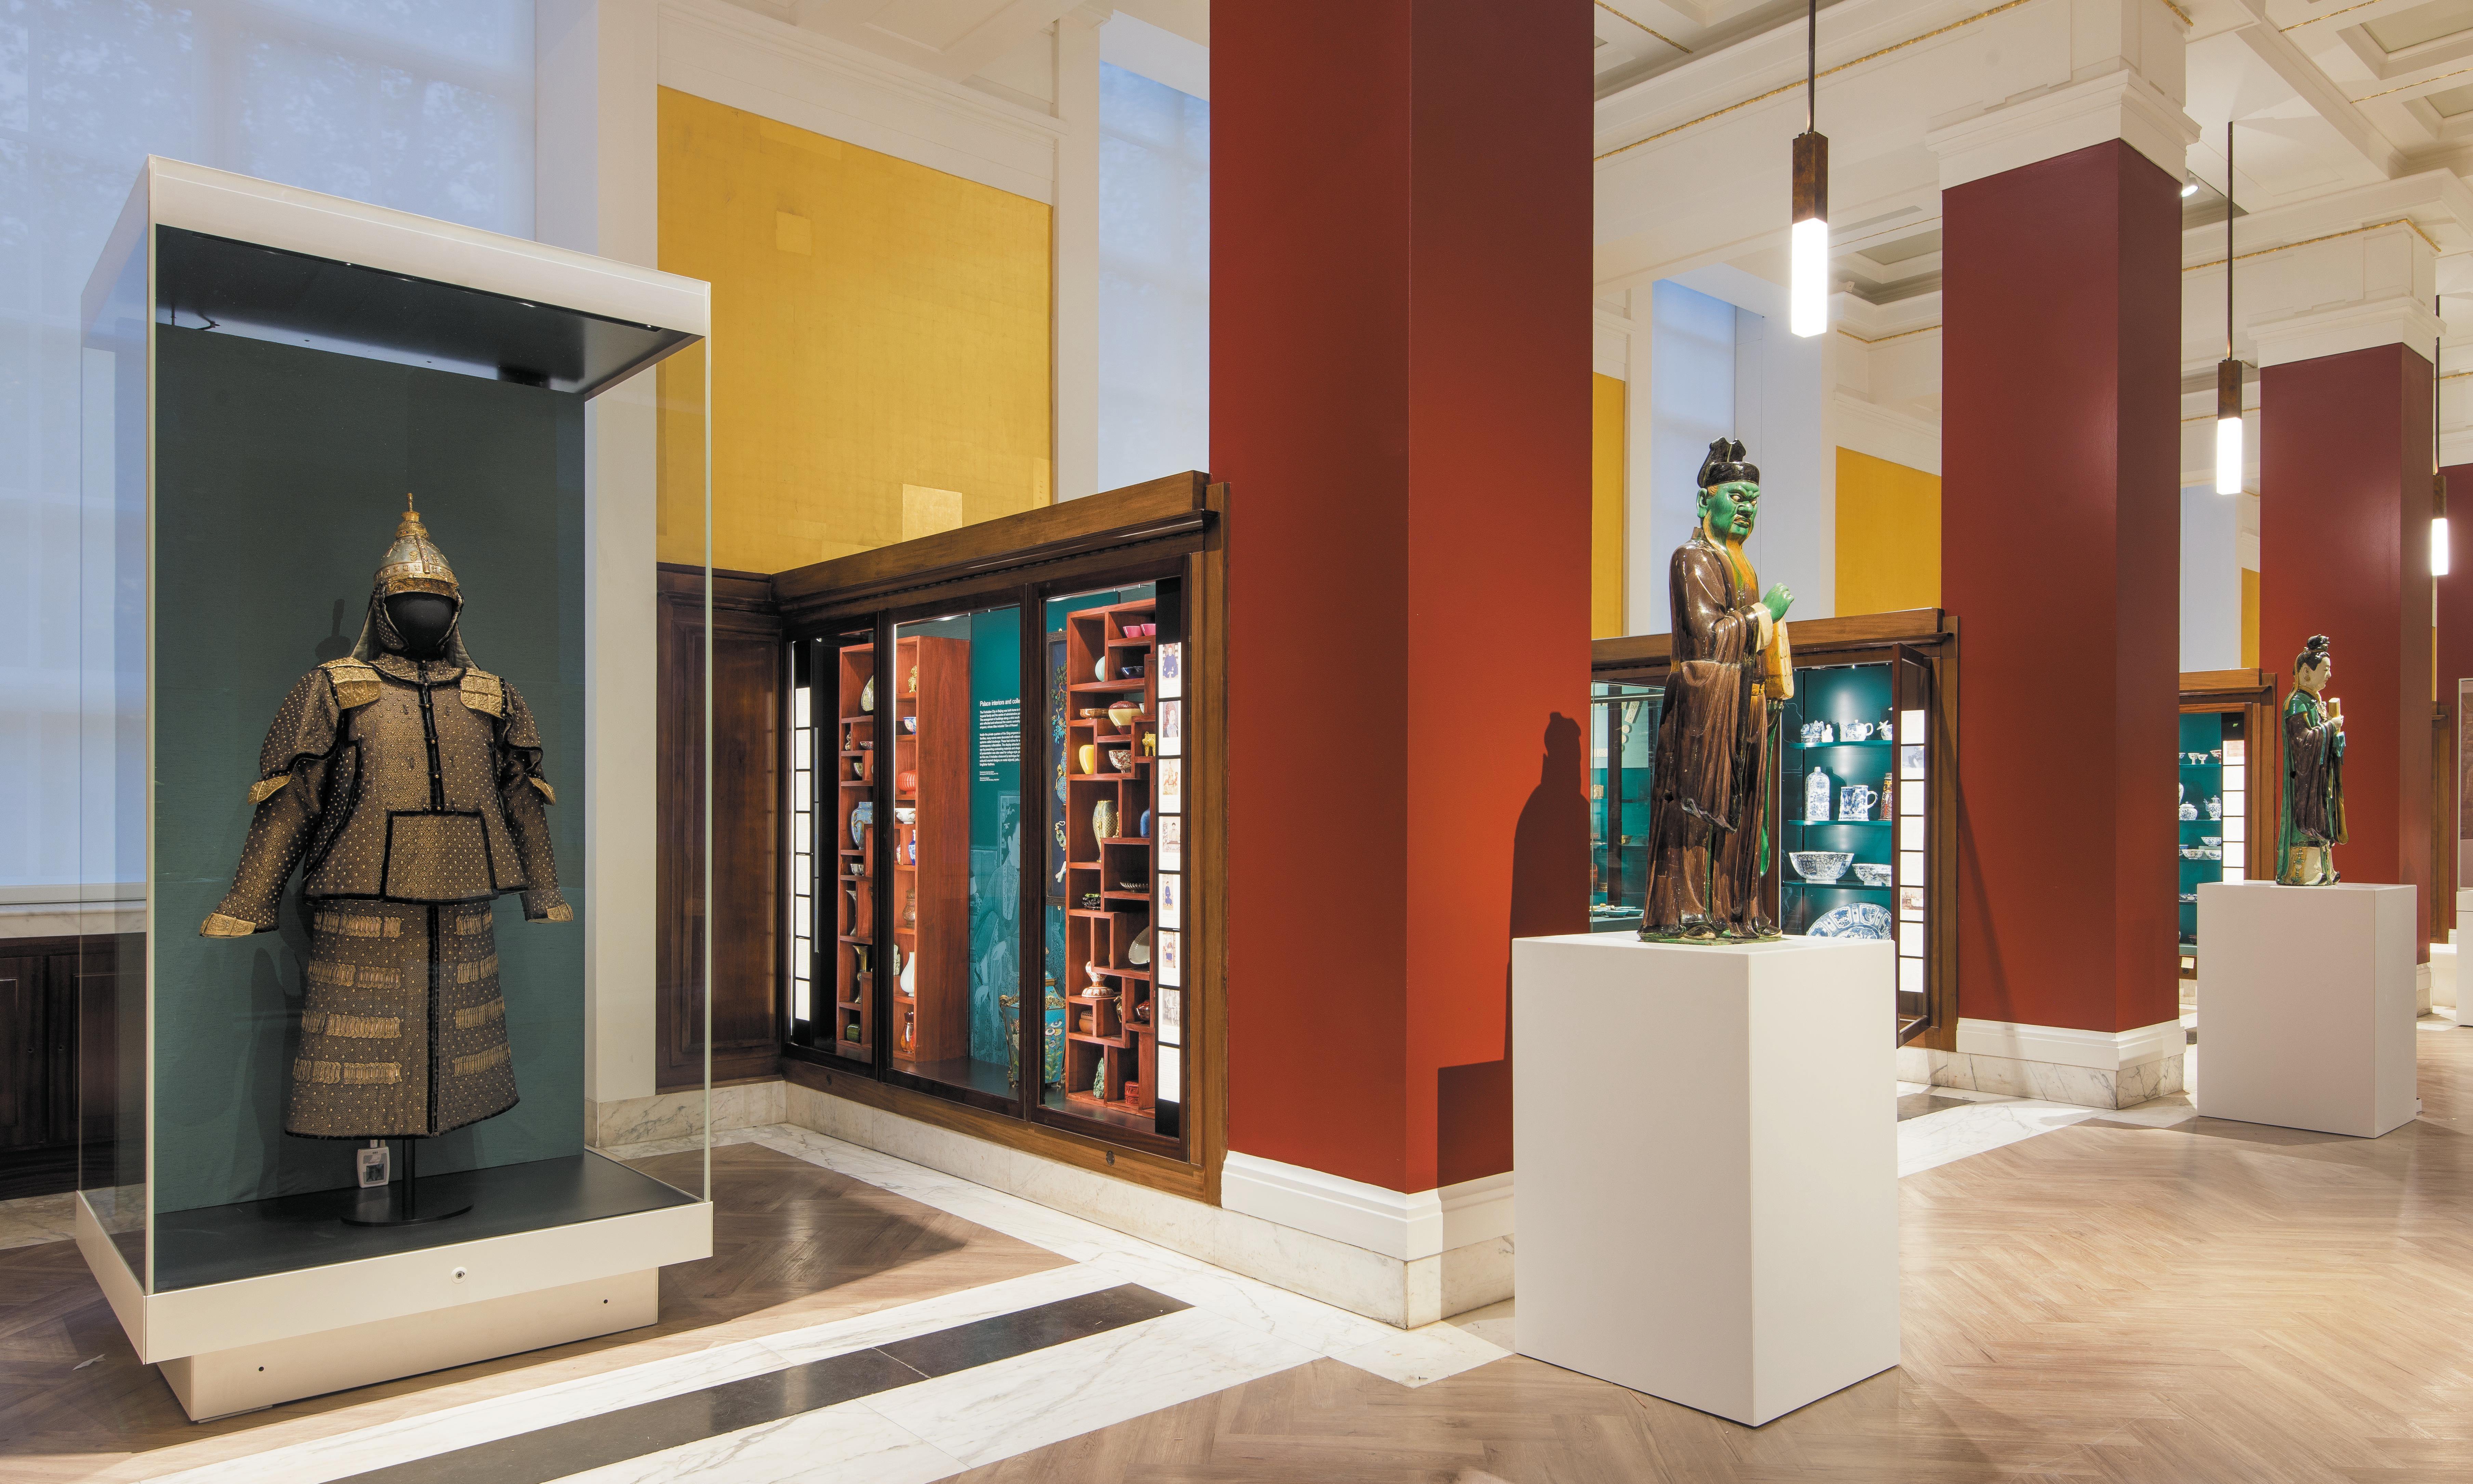 Amaravati Buddhist art to finally be seen in full glory at British Museum